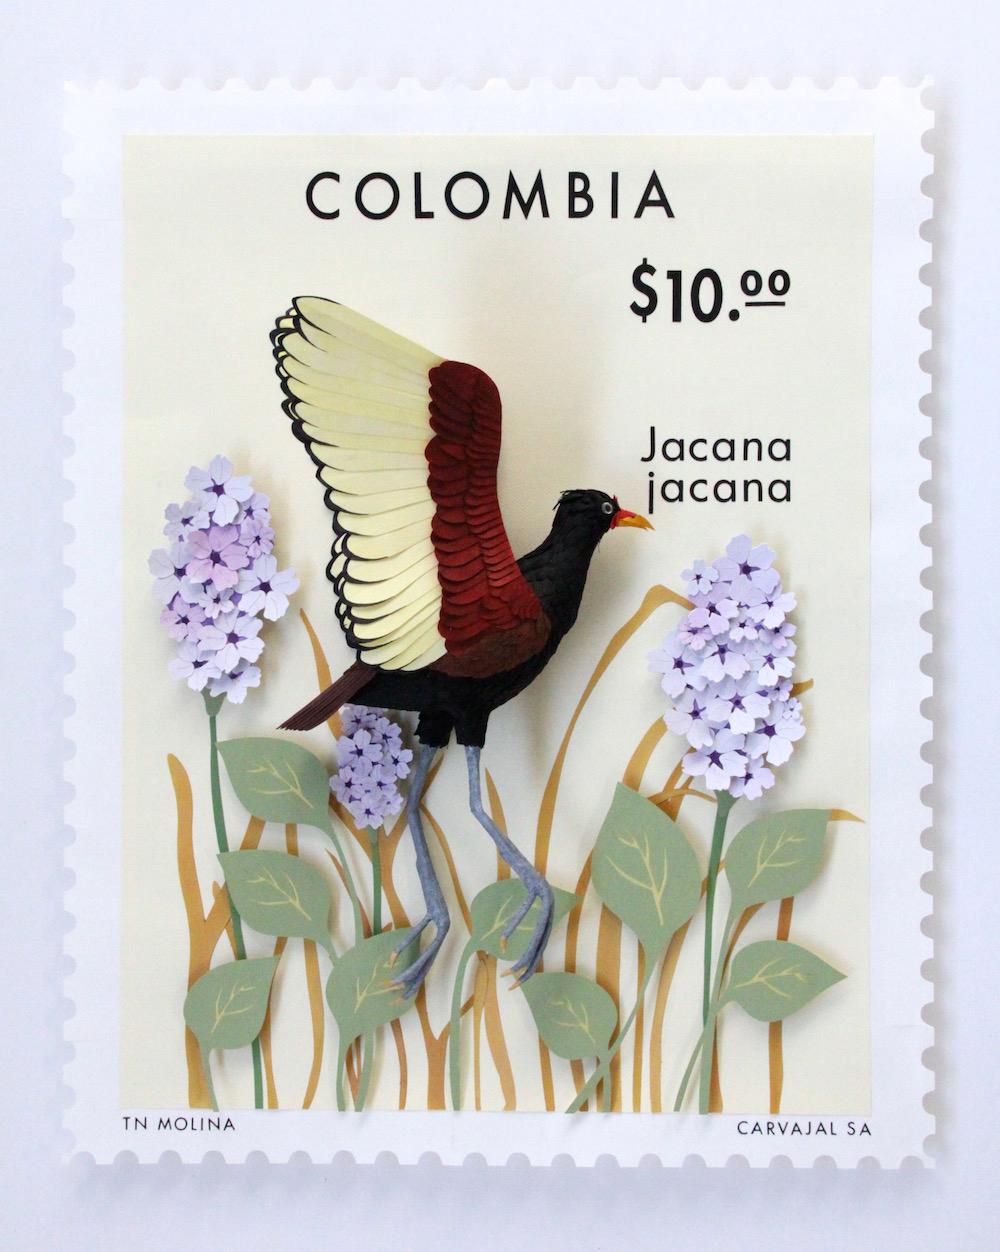 Paper Bird Sculptures Juxtaposed With International Stamps by Diana Beltran Herrera